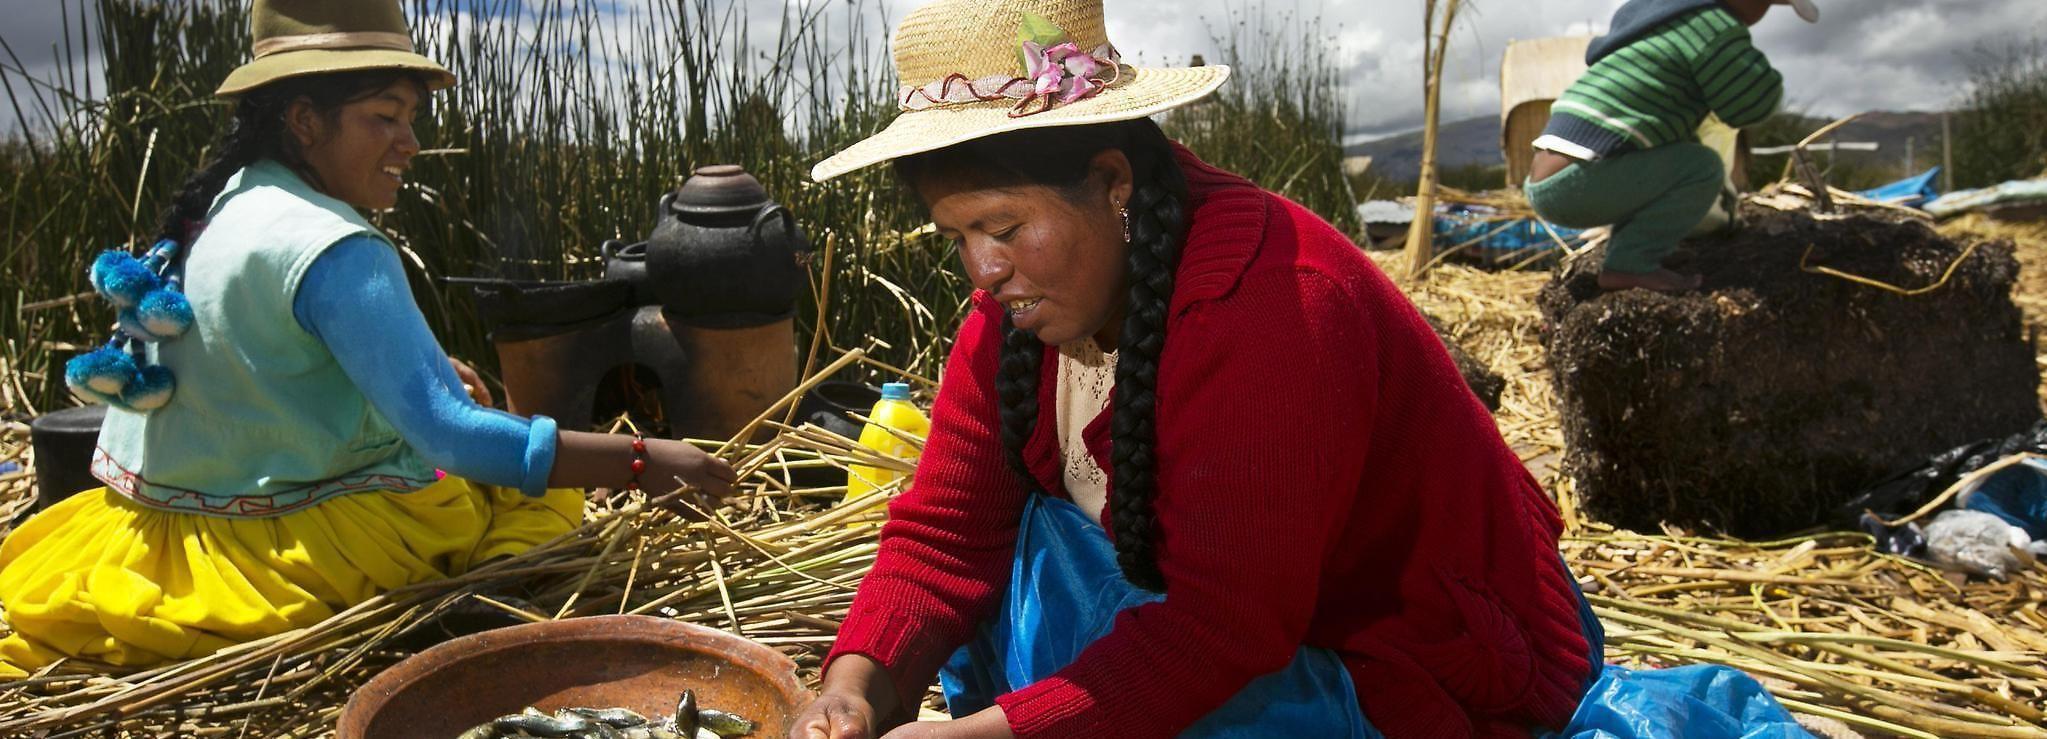 Excursão de 1 Dia ao Lago Titicaca, Uros e Taquile